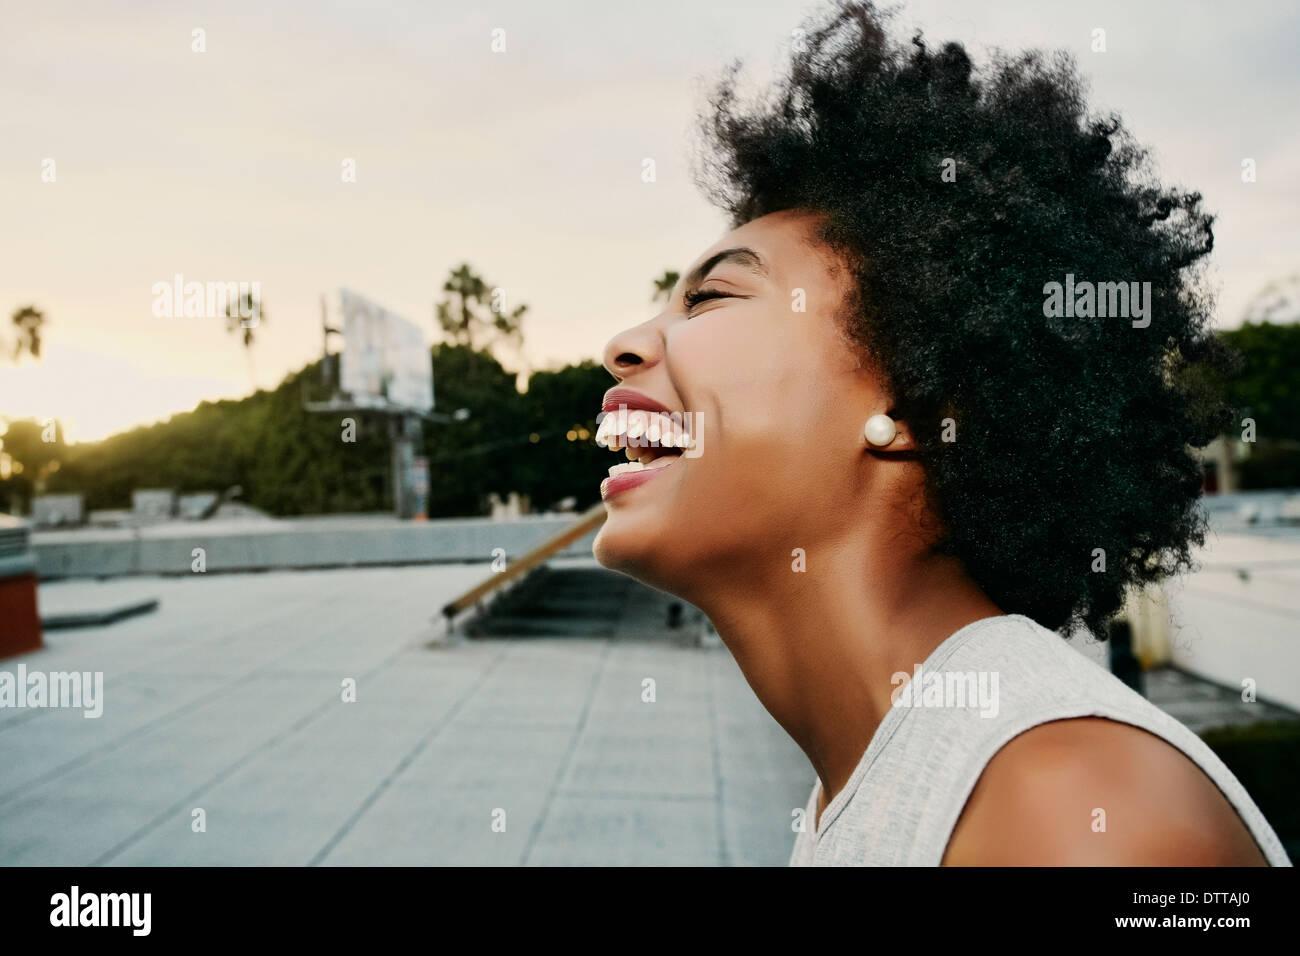 Razza mista donna ridere sul tetto urbano Foto Stock